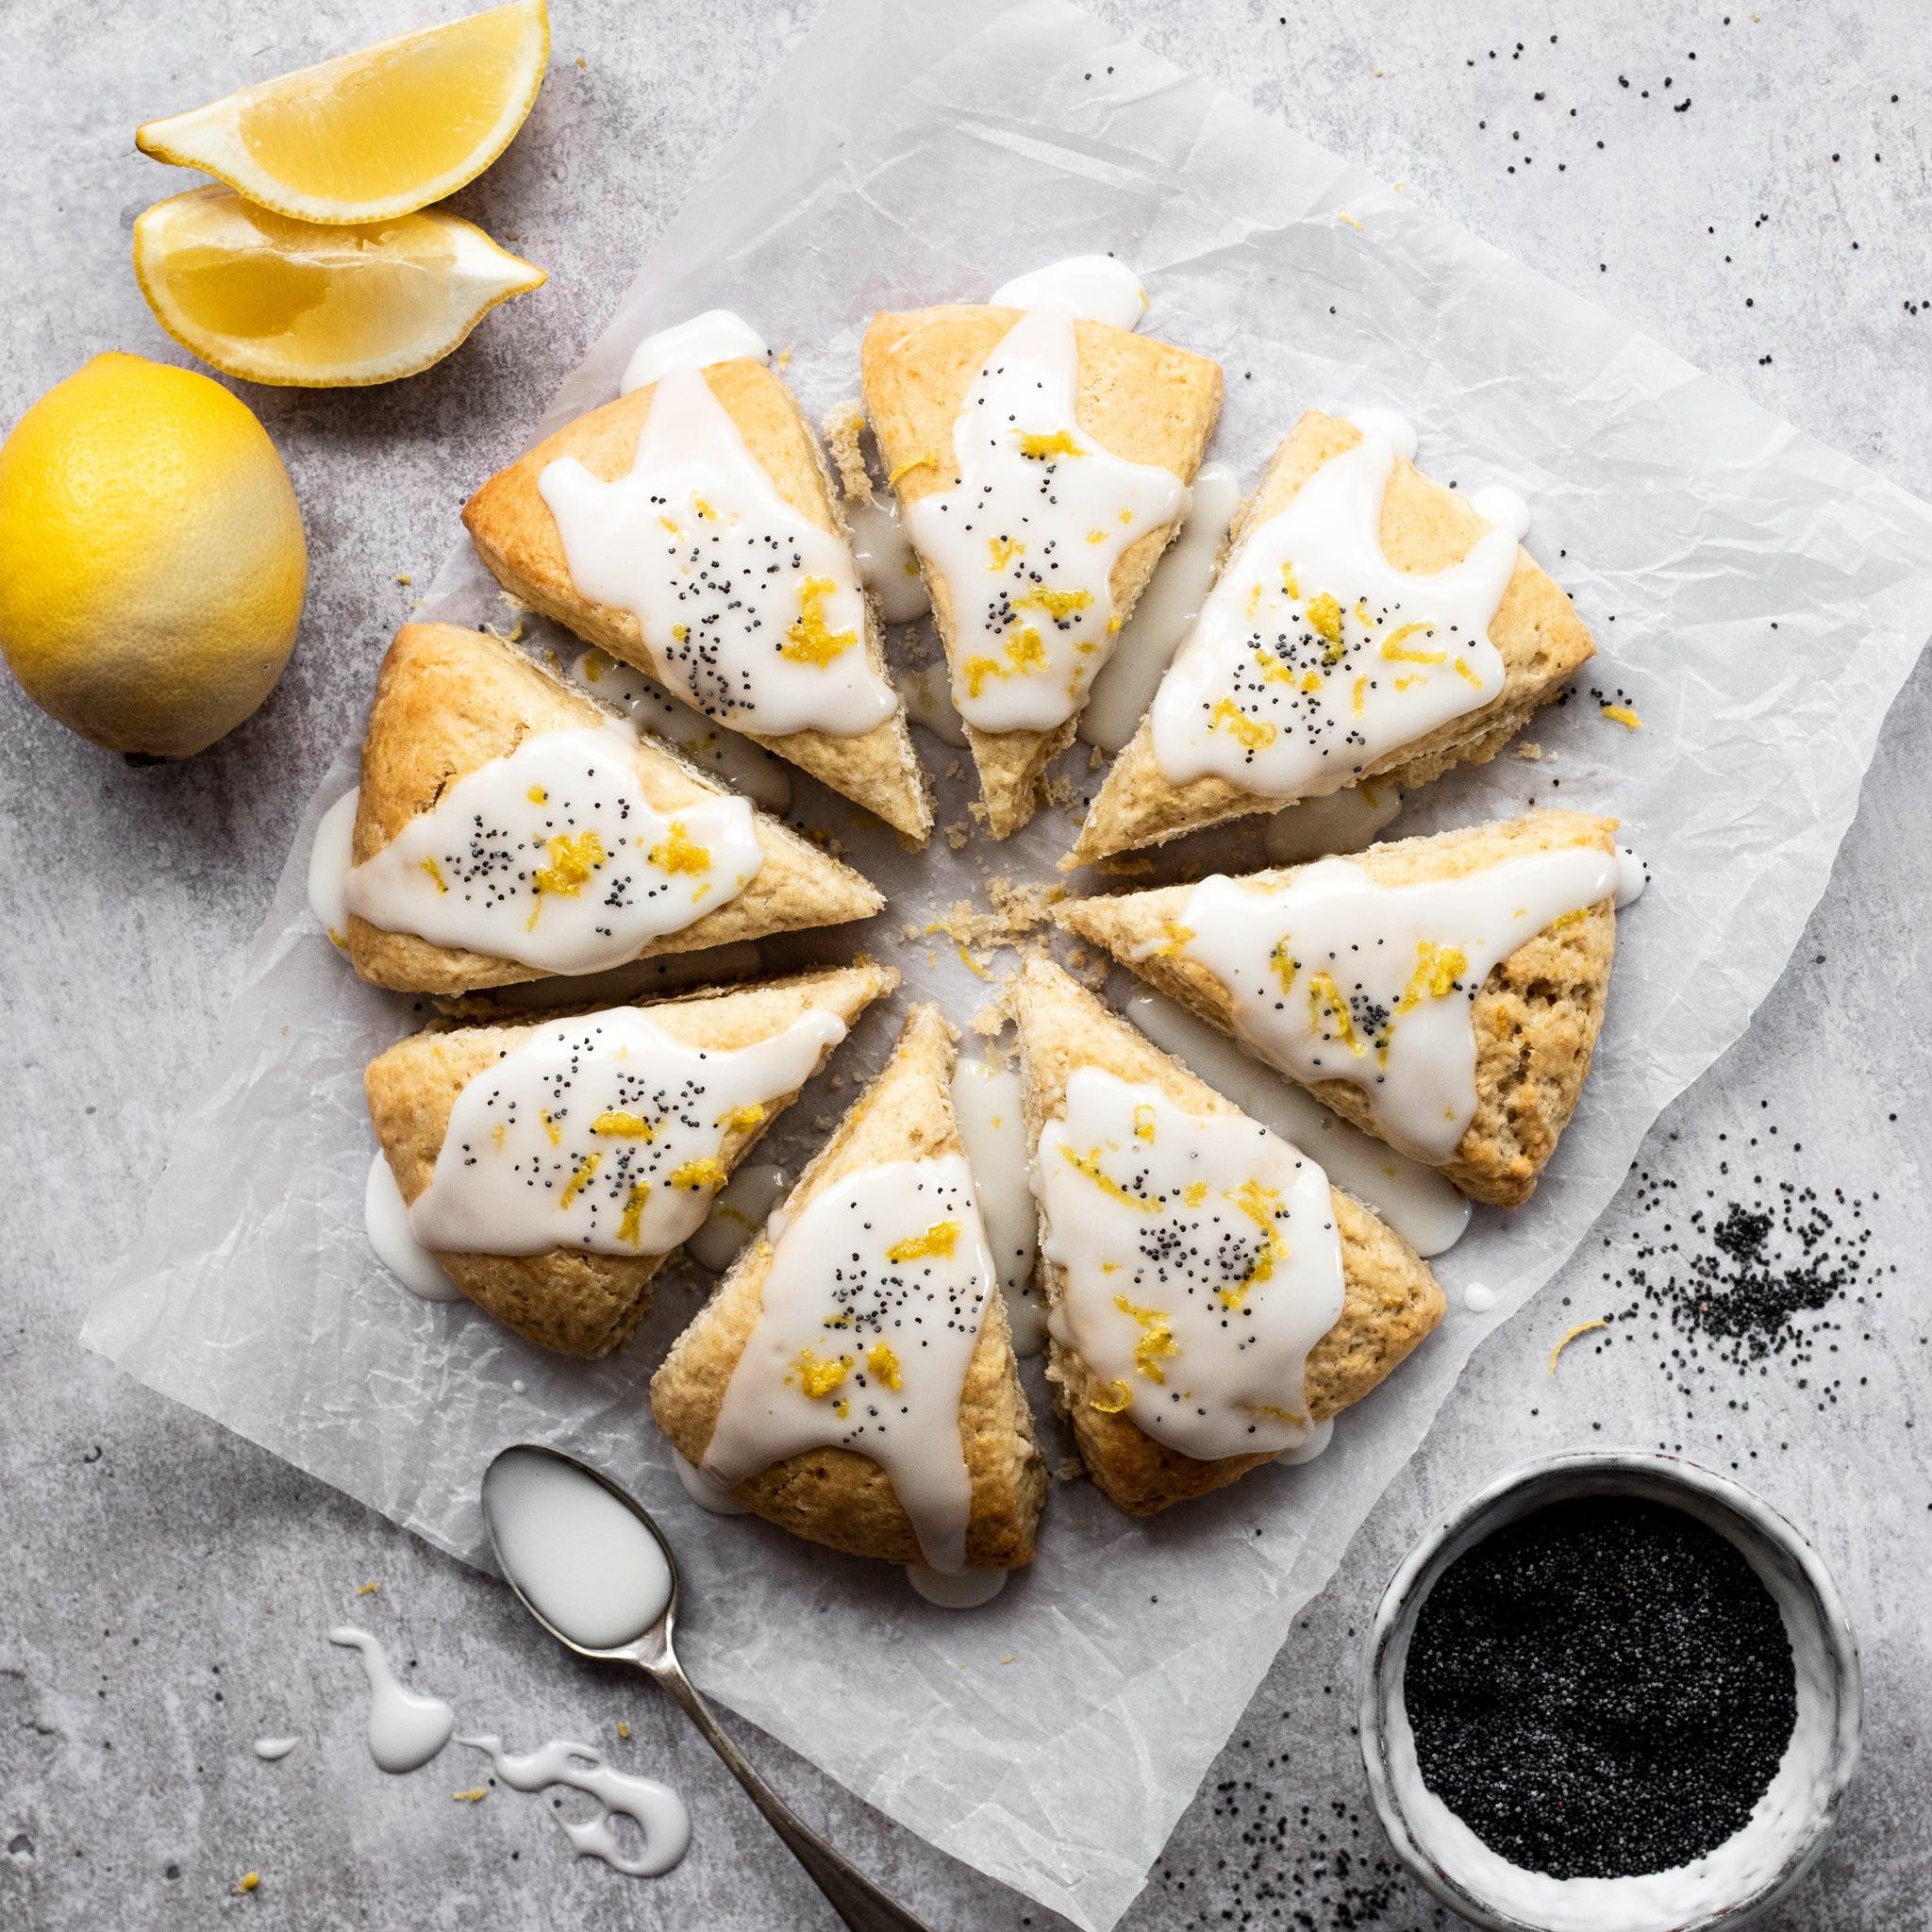 Lemon-Scones-SQUARE-1.jpg